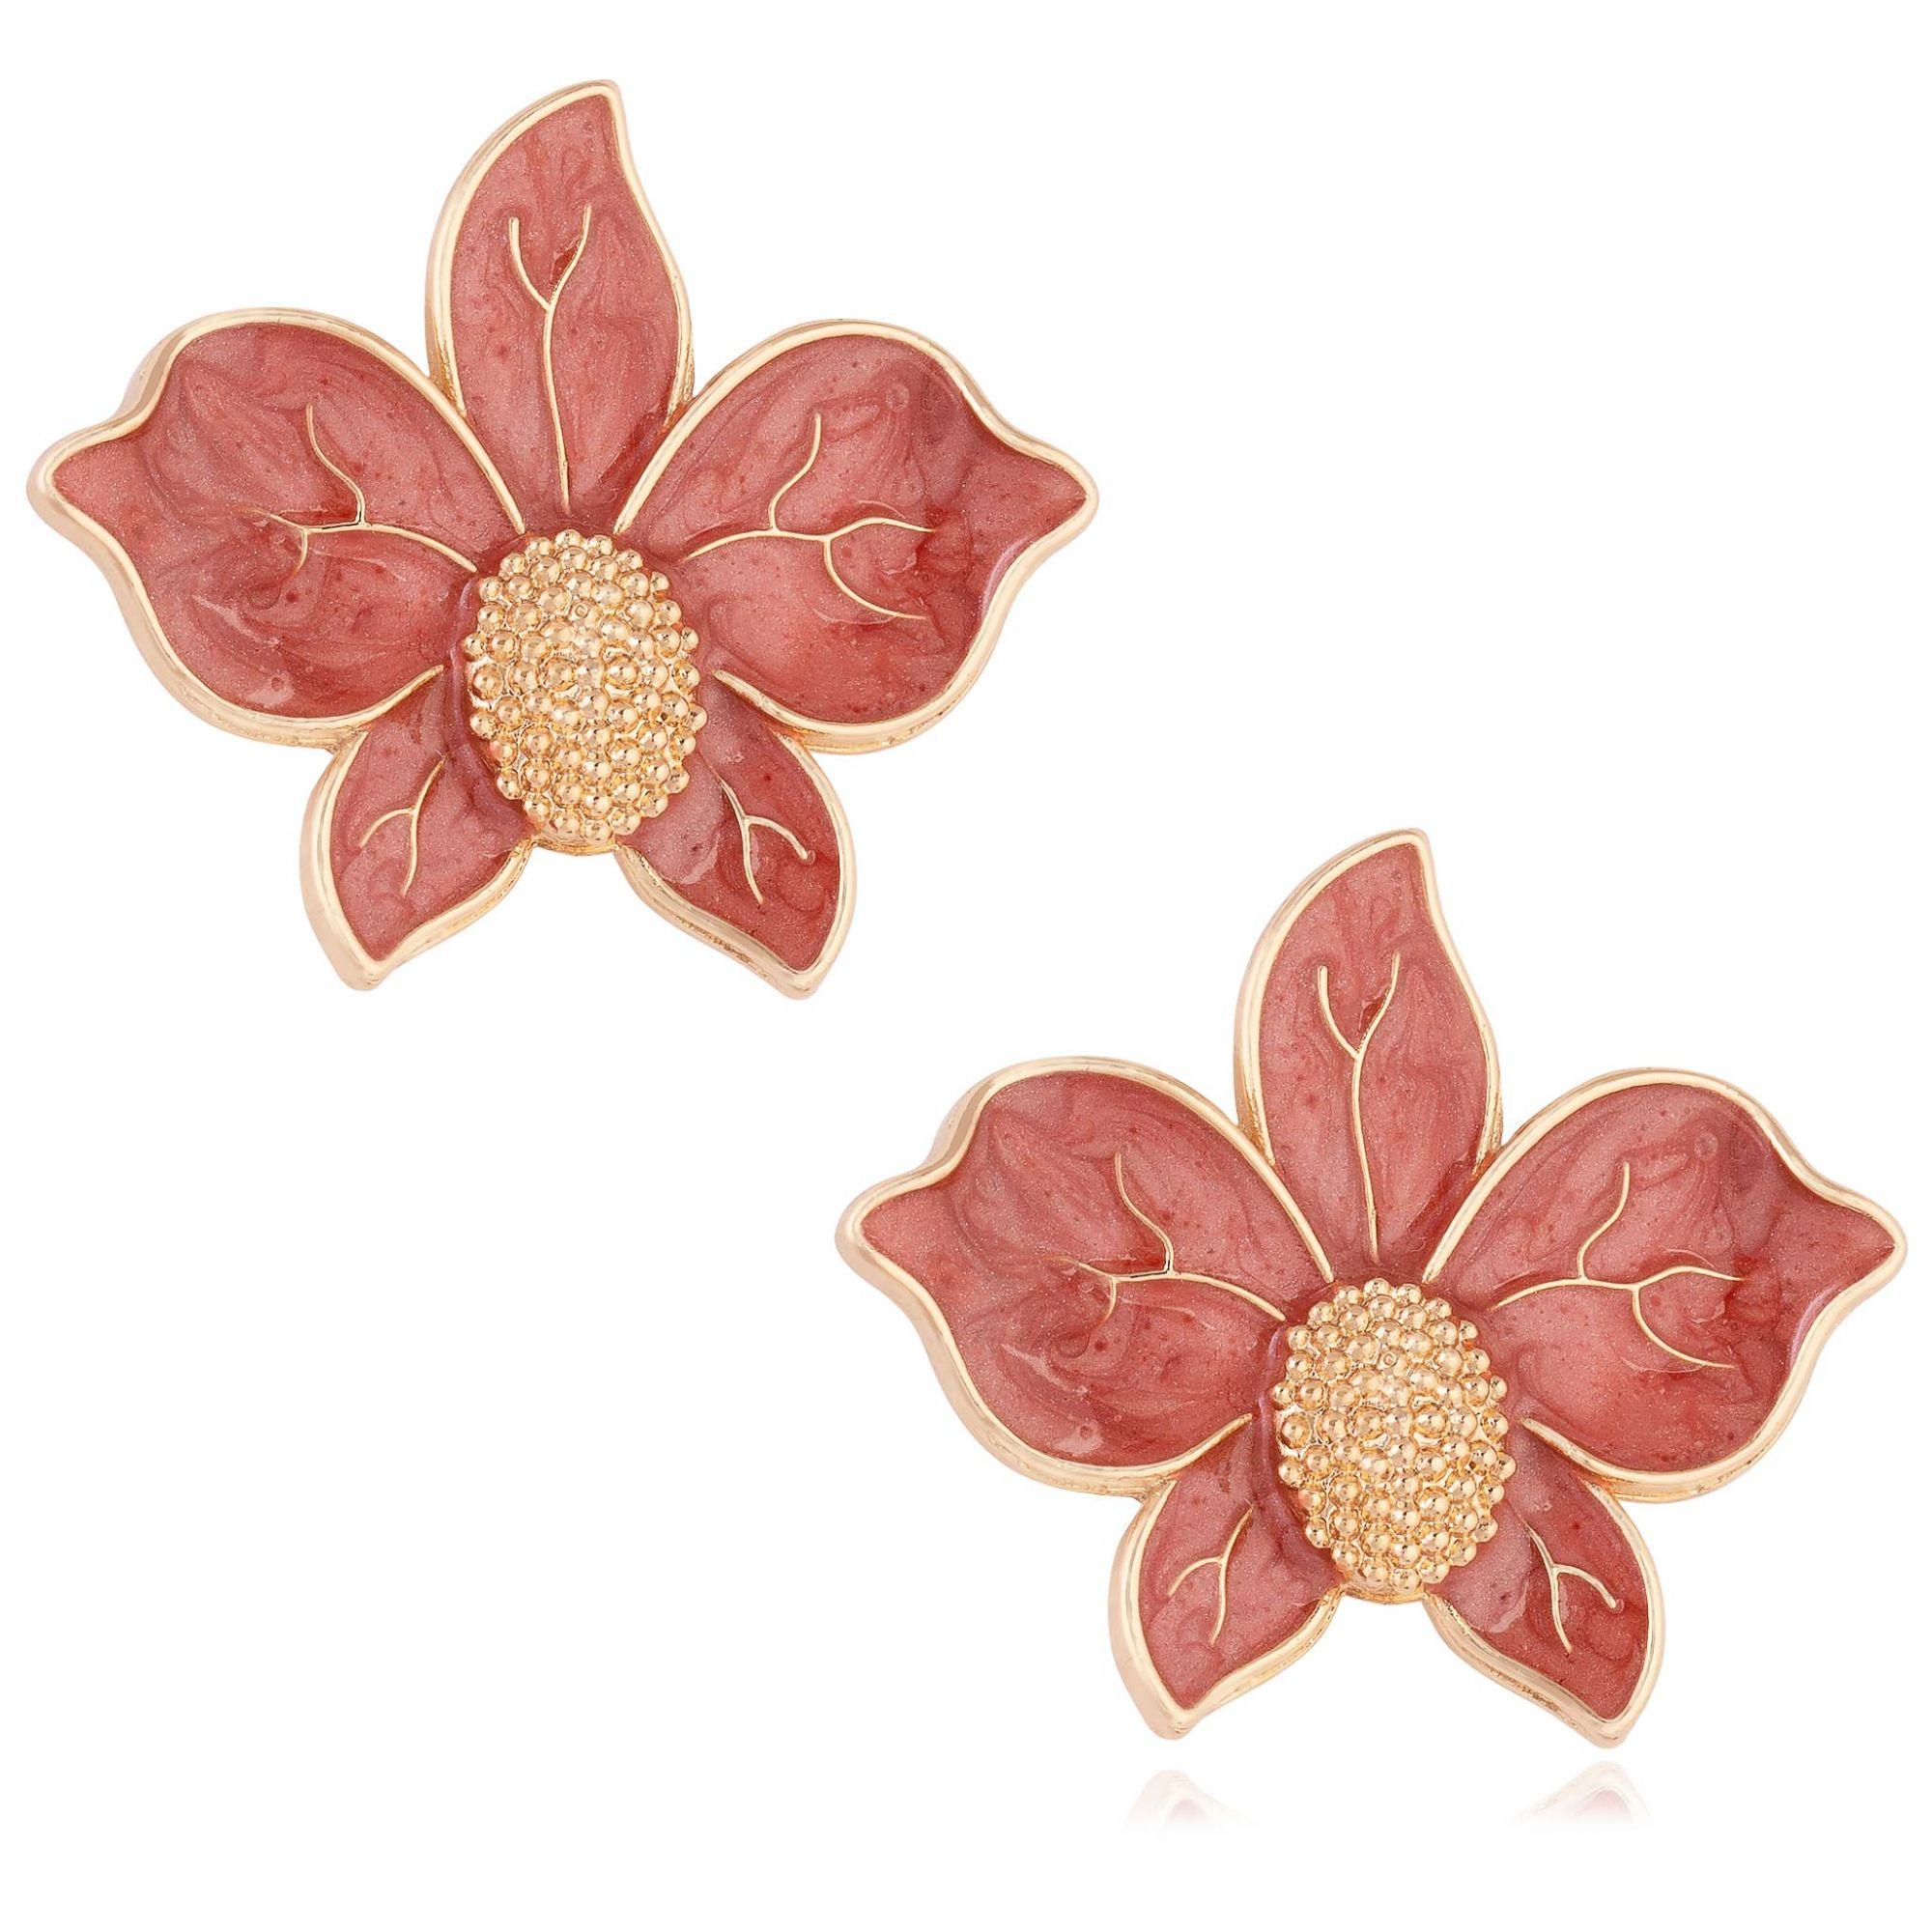 Brinco de orquídea banhado a ouro 18k resinado em terracota.  - romabrazil.com.br